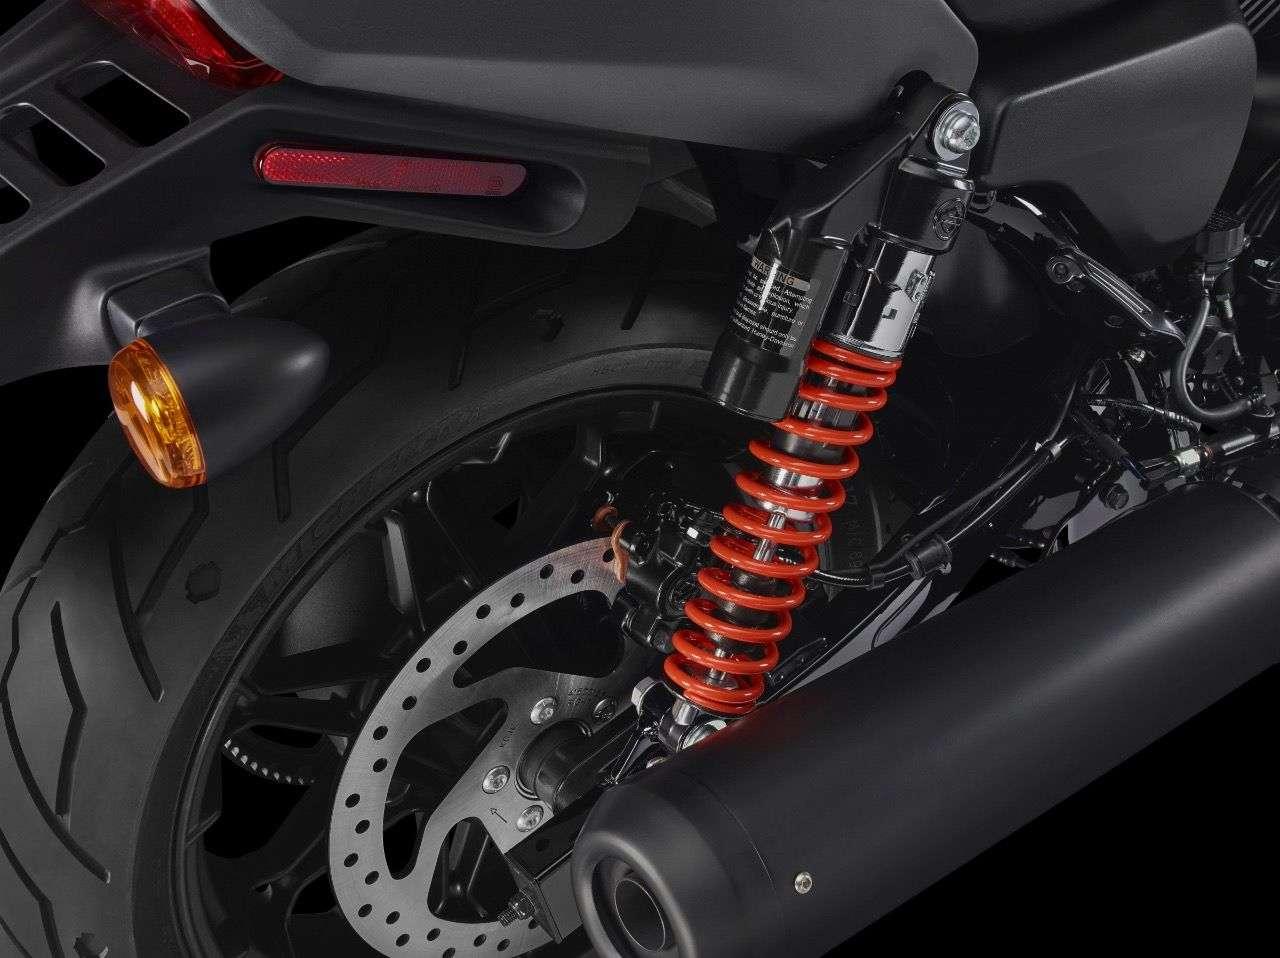 Federbeine mit Ausgleichsbehälter bringen mehr Federweg, allerdings auch eine um 55 auf 765 Millimeter gewachsene Sitzhöhe.